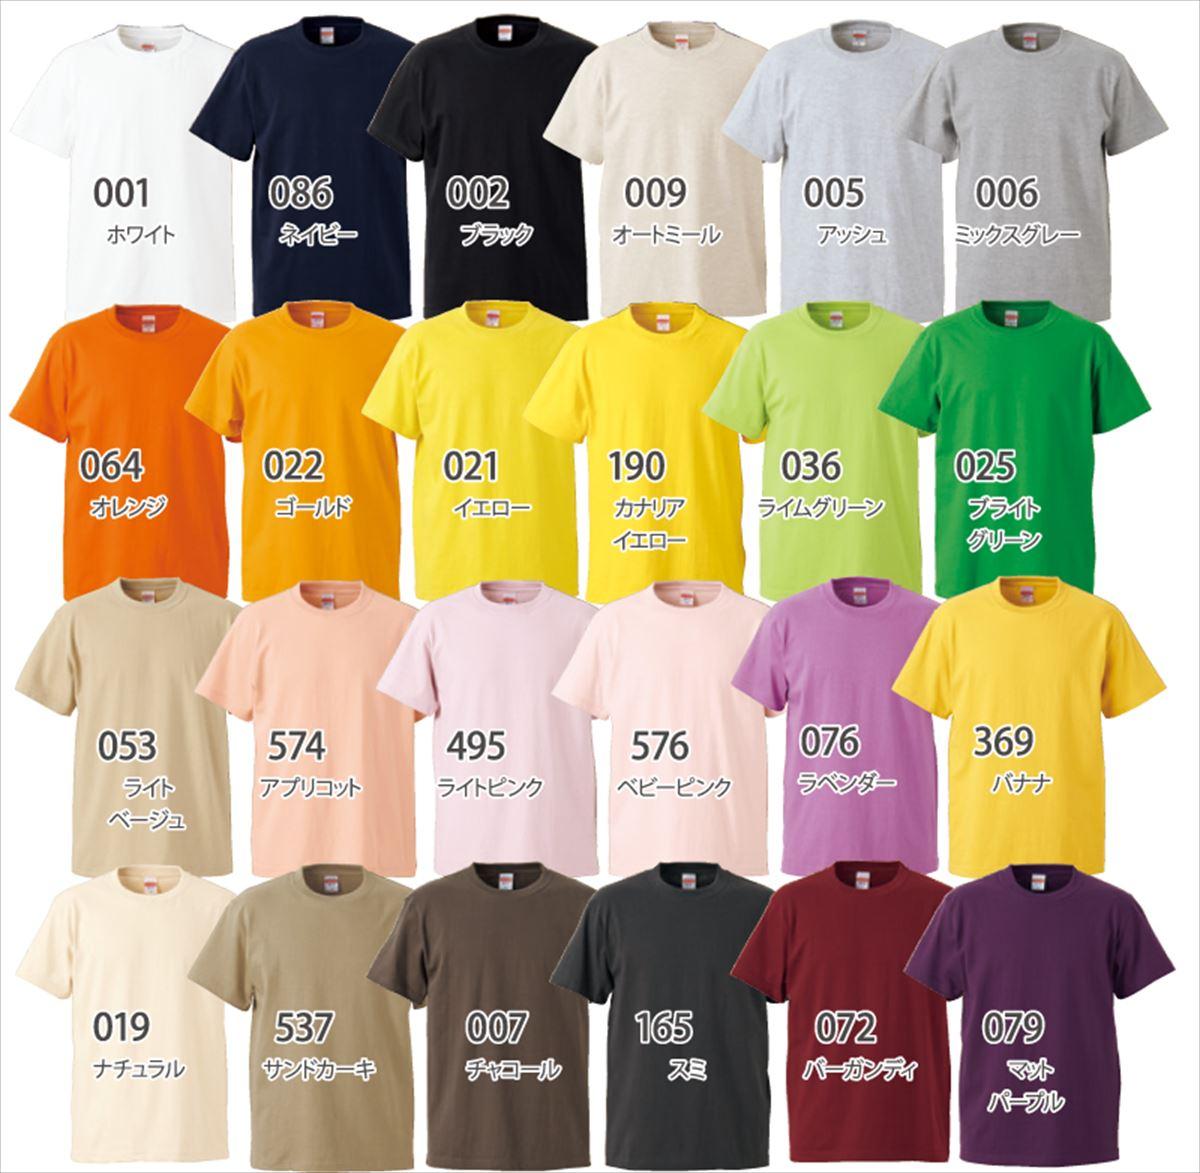 カレントブルーオリジナルTシャツ (3)